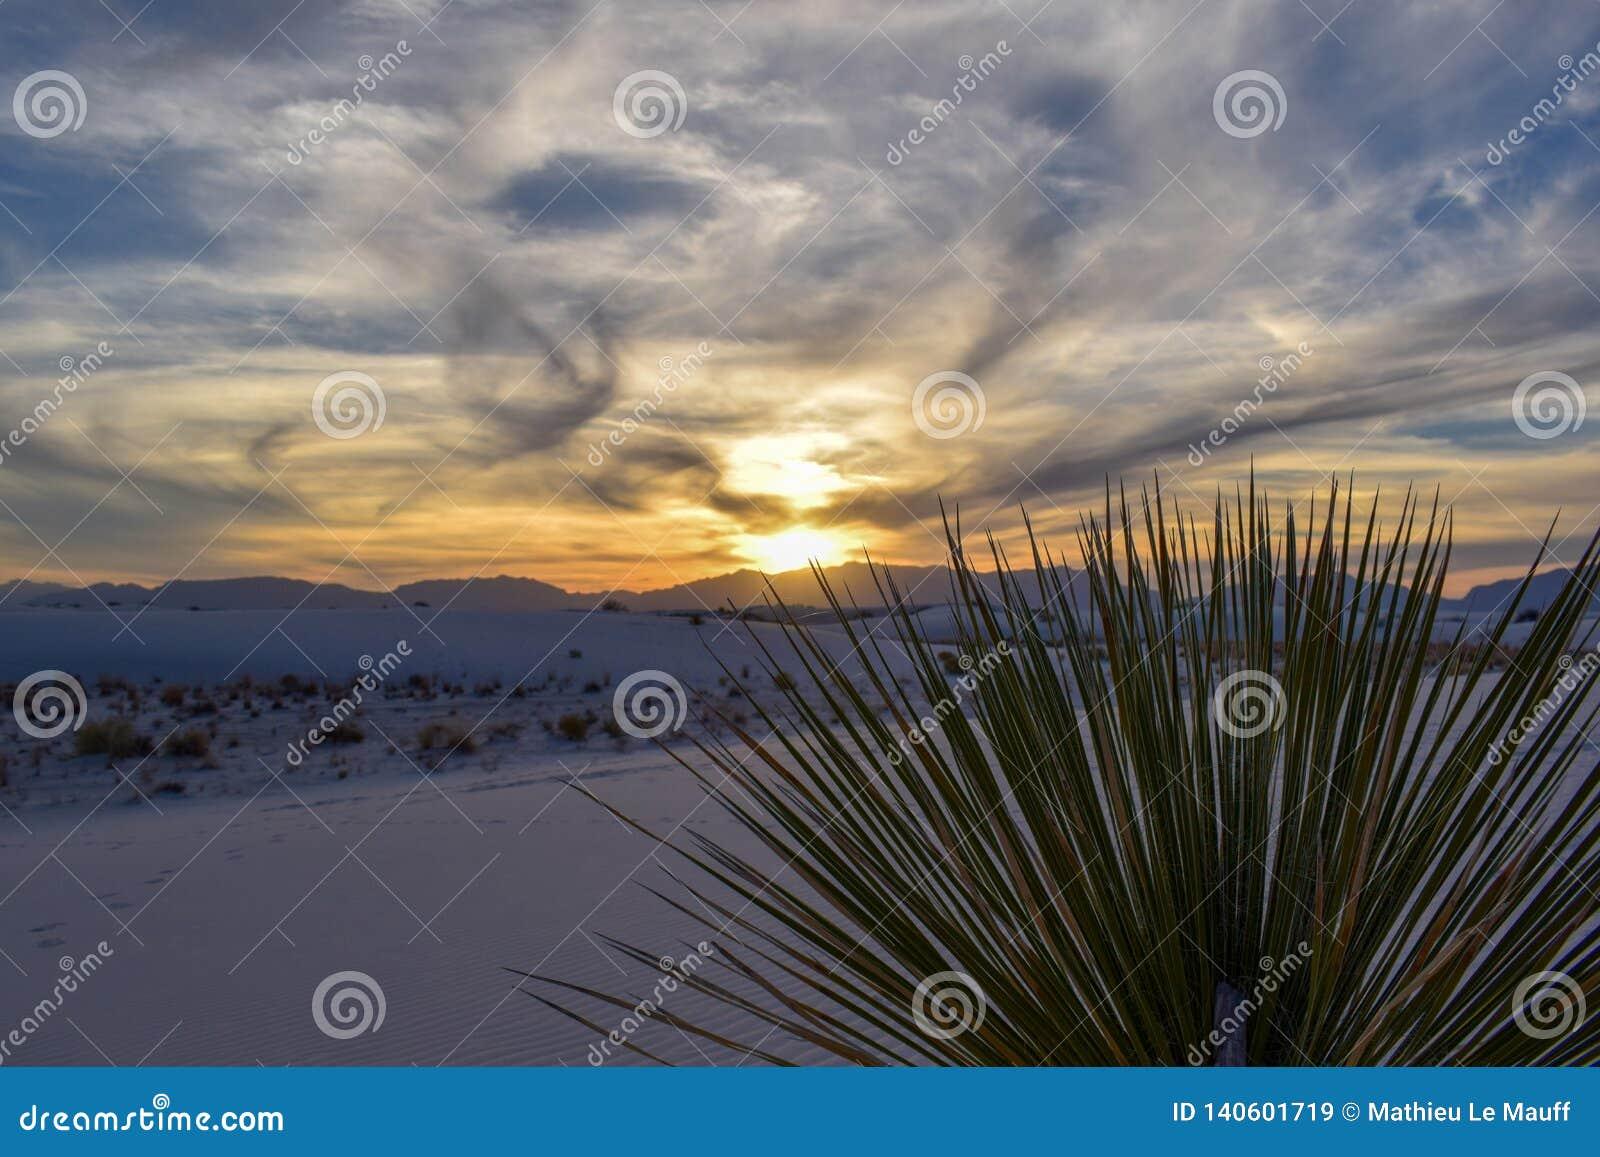 Ηλιοβασίλεμα στην άσπρη έρημο άμμων